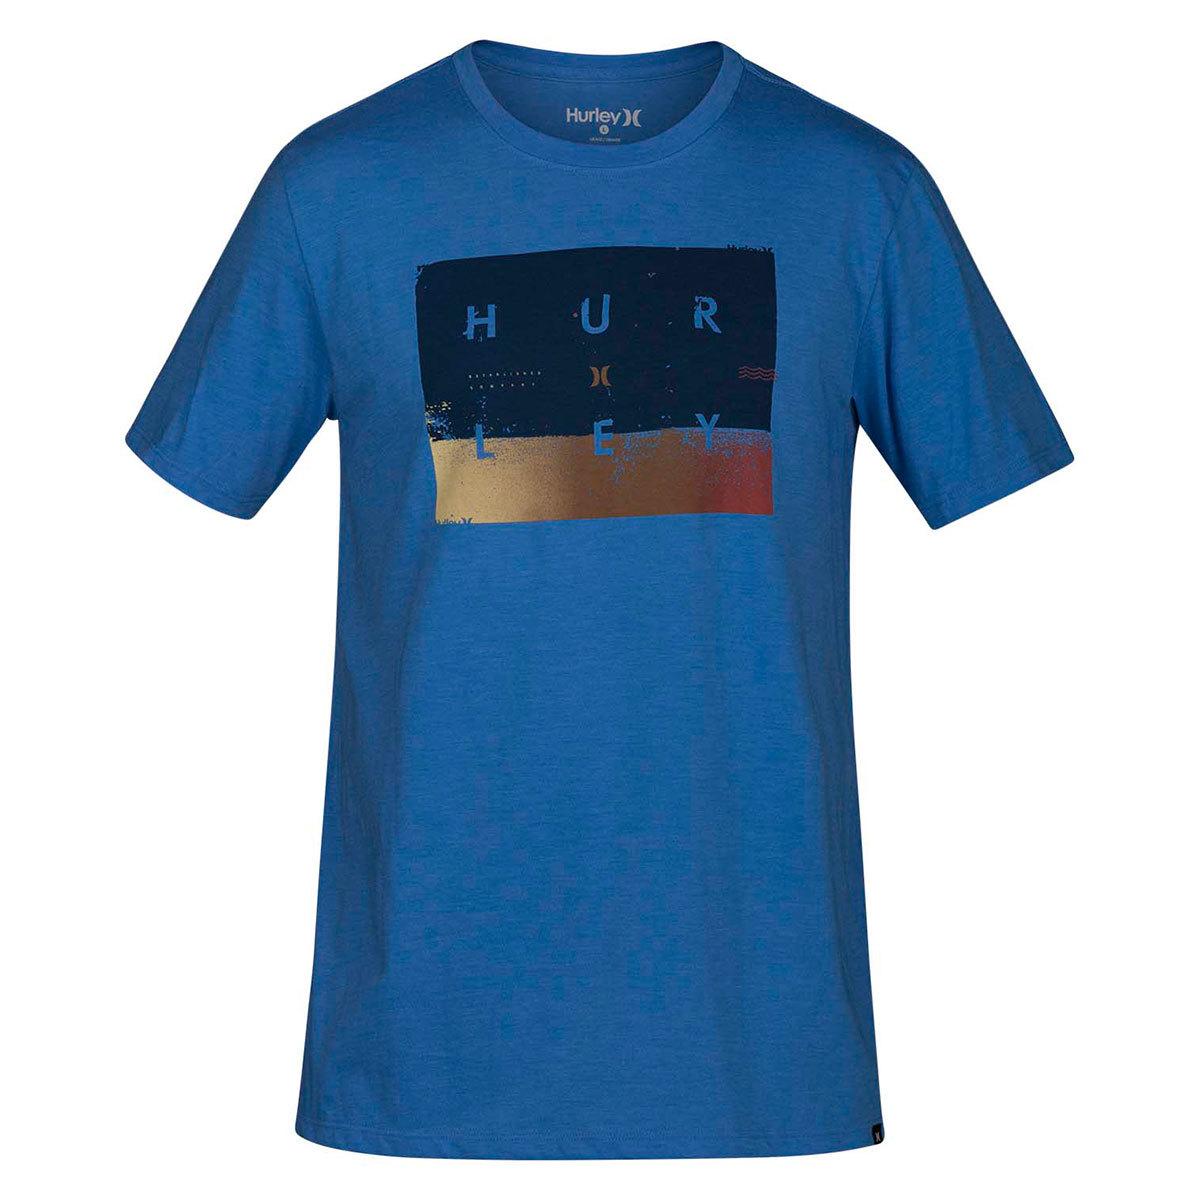 Hurley Guys' Premium Breaking Sets Short-Sleeve Tee - Blue, M